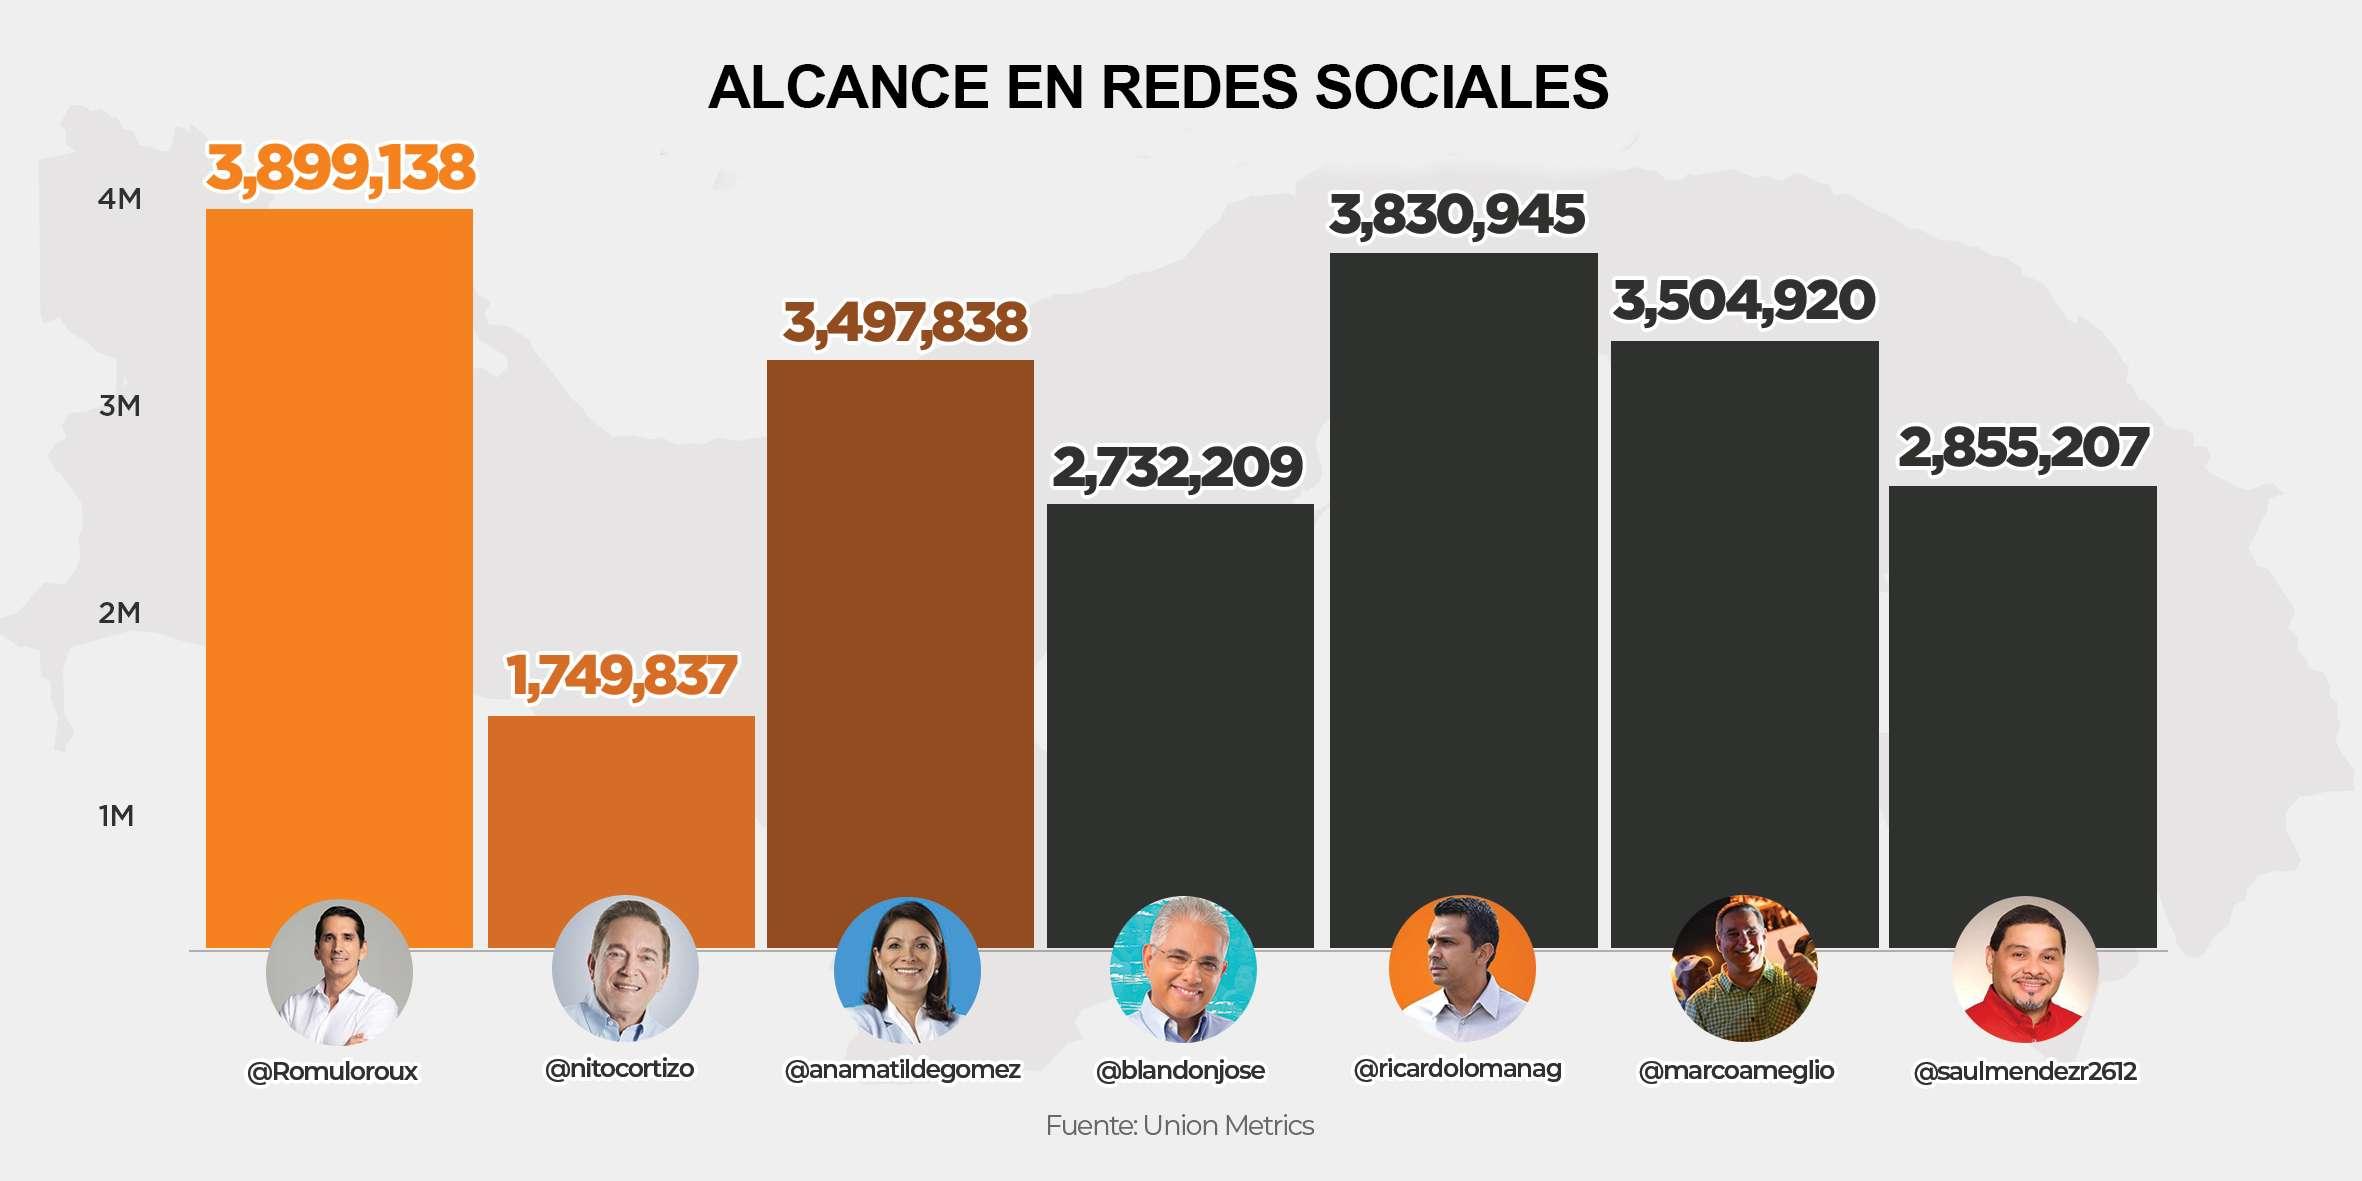 alcance_en_redes_sociales_debate_presidencial.jpg